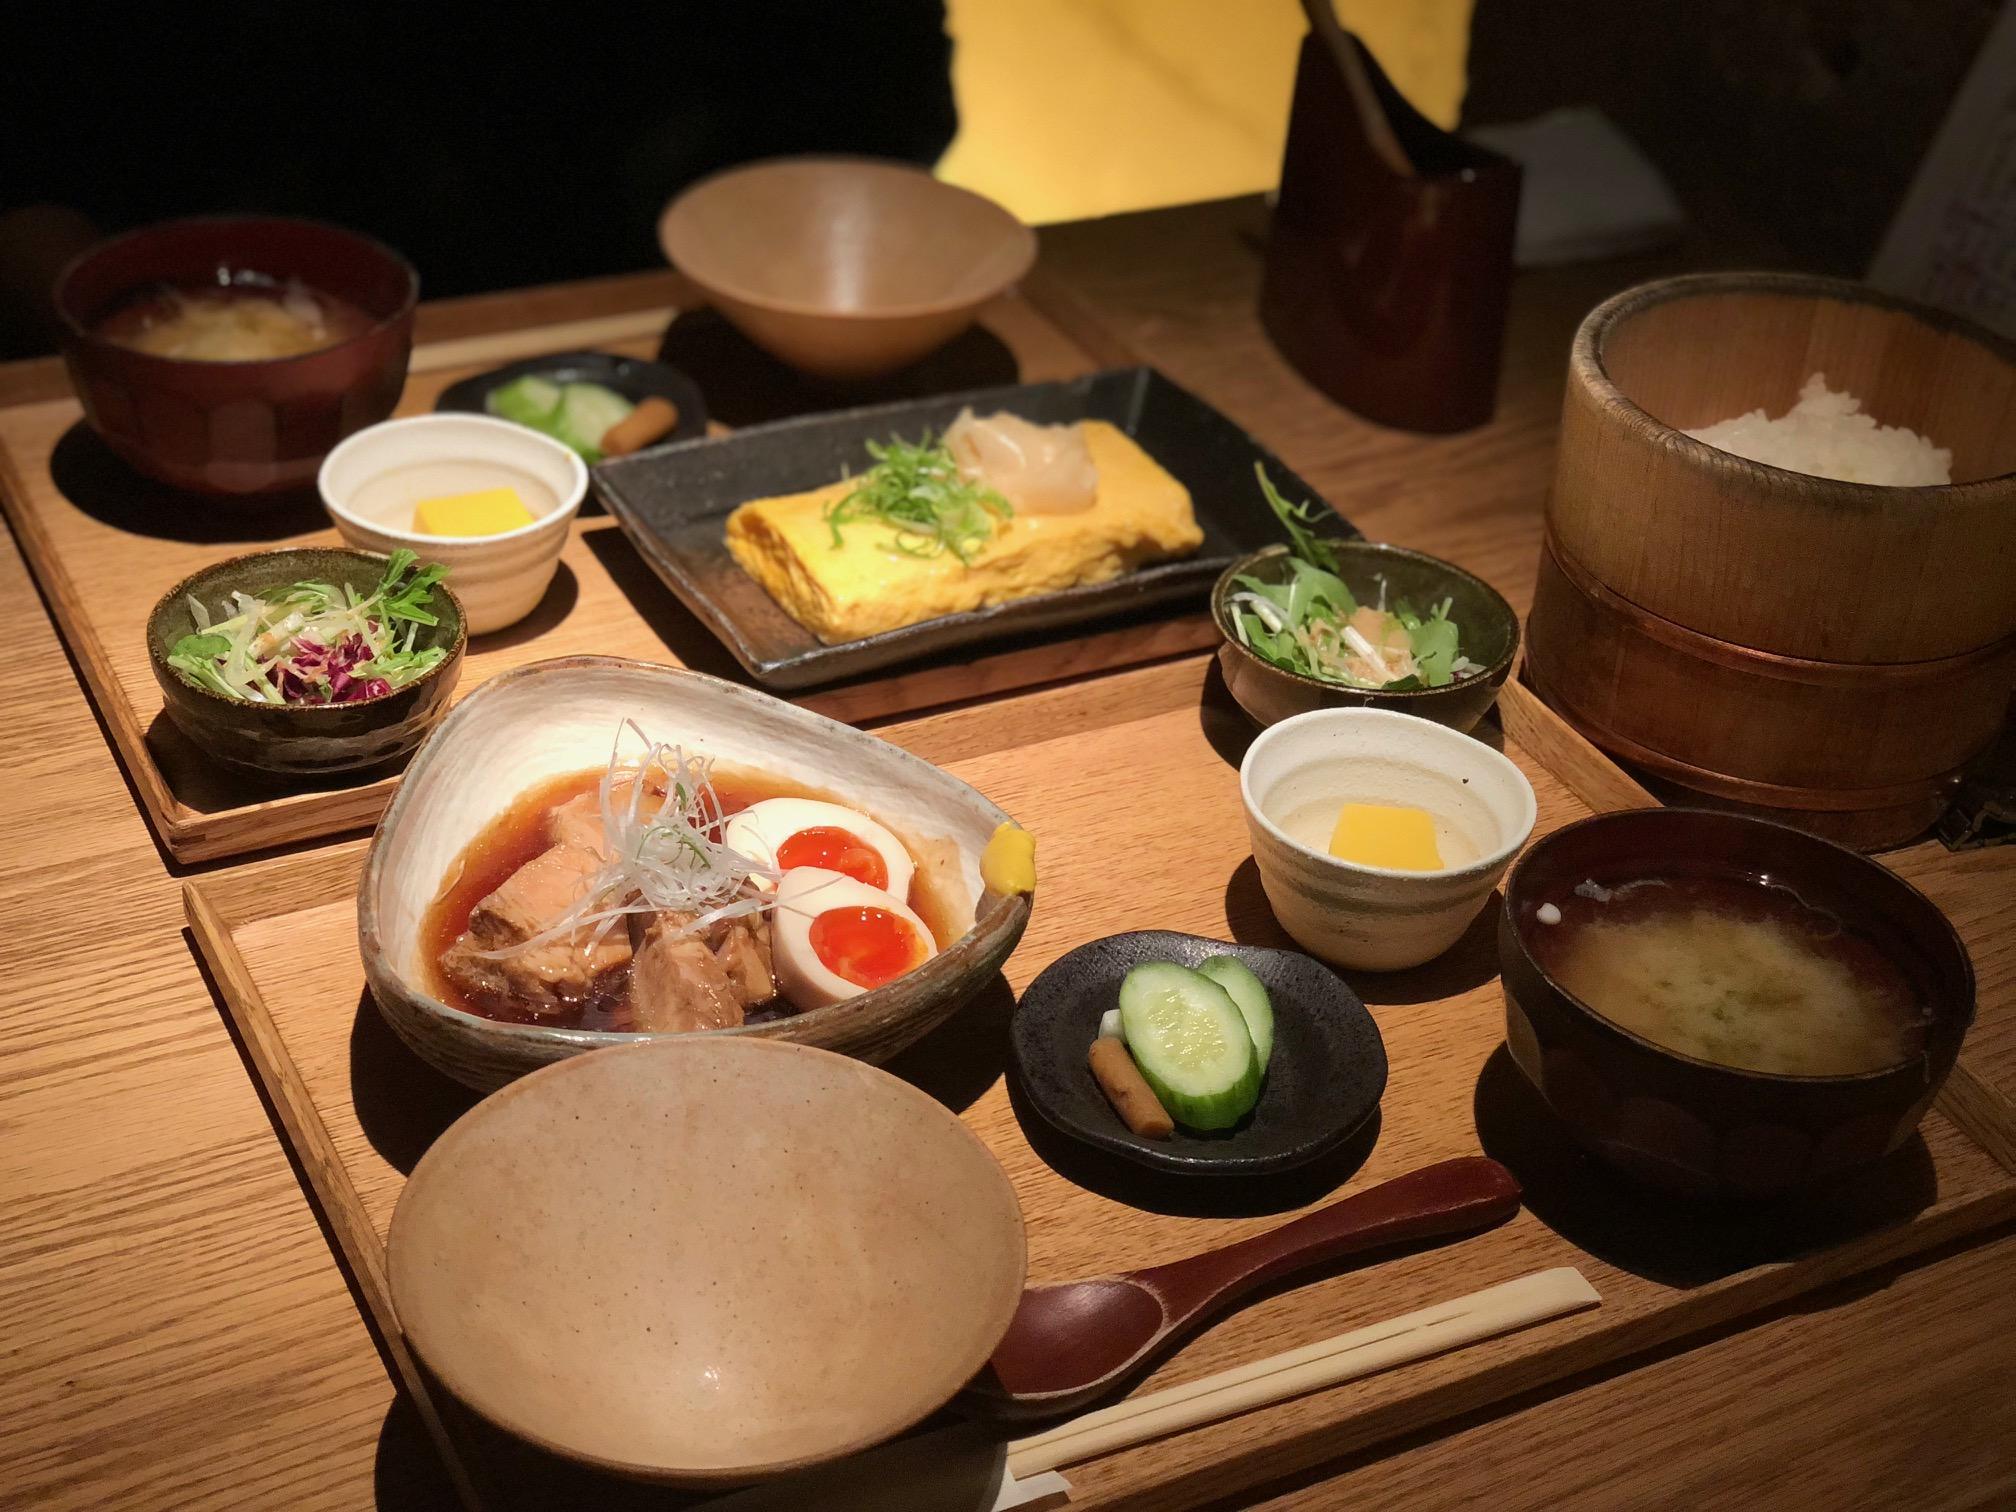 身体に優しいほっこり和食ランチ。代官山『ごはんや 一芯』に行ってきました!